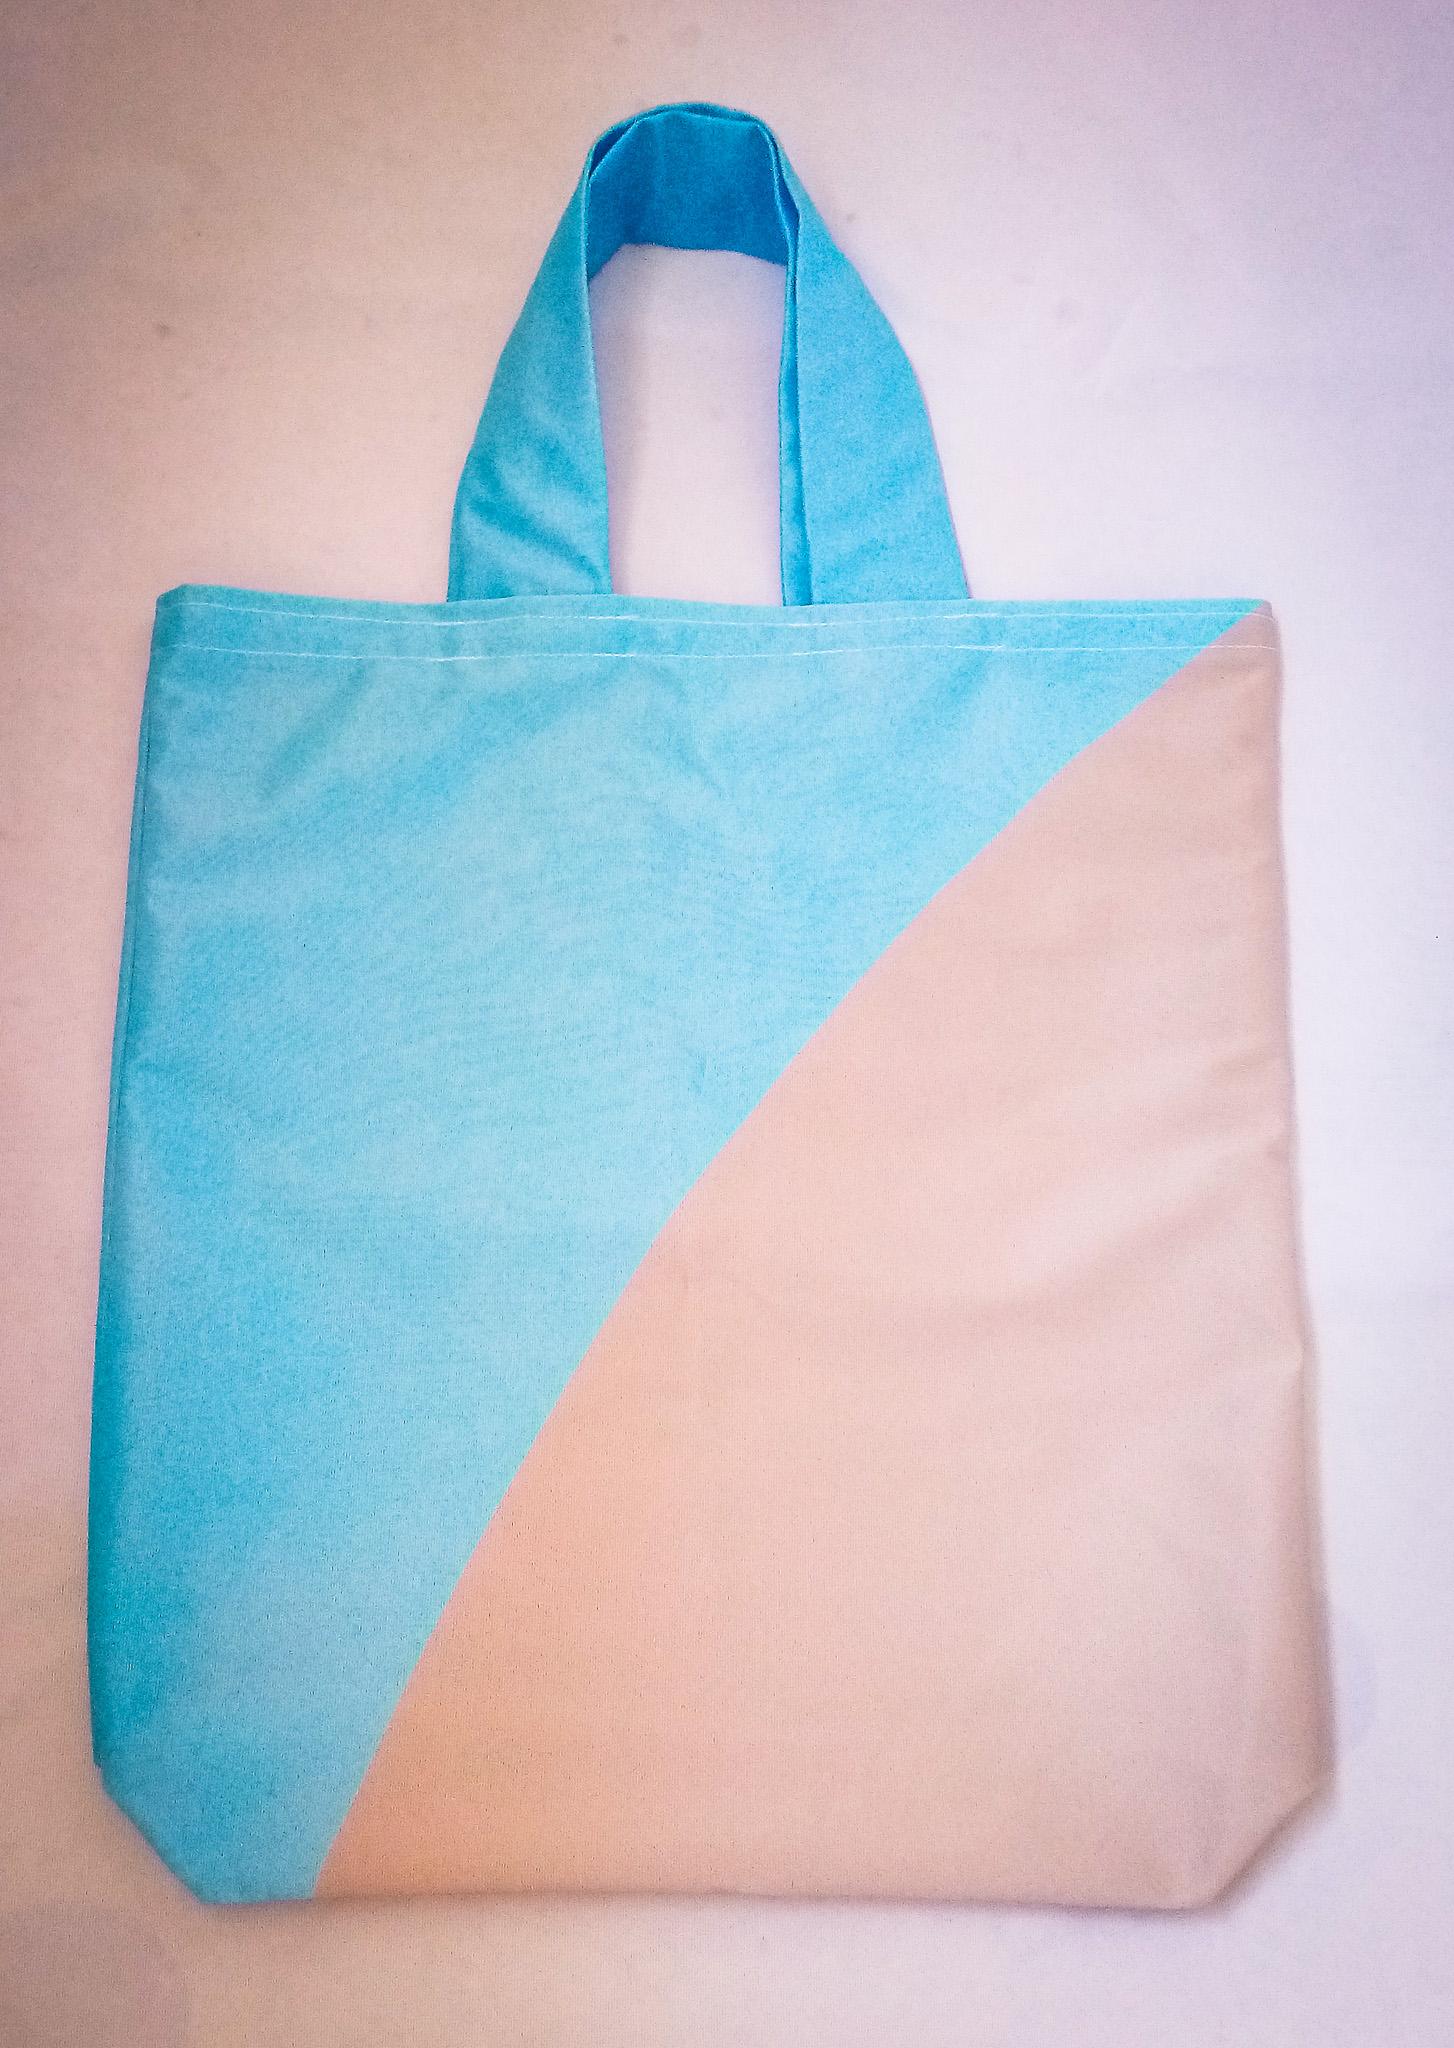 Handmade Fabric Tote Bag, Blue & Beige